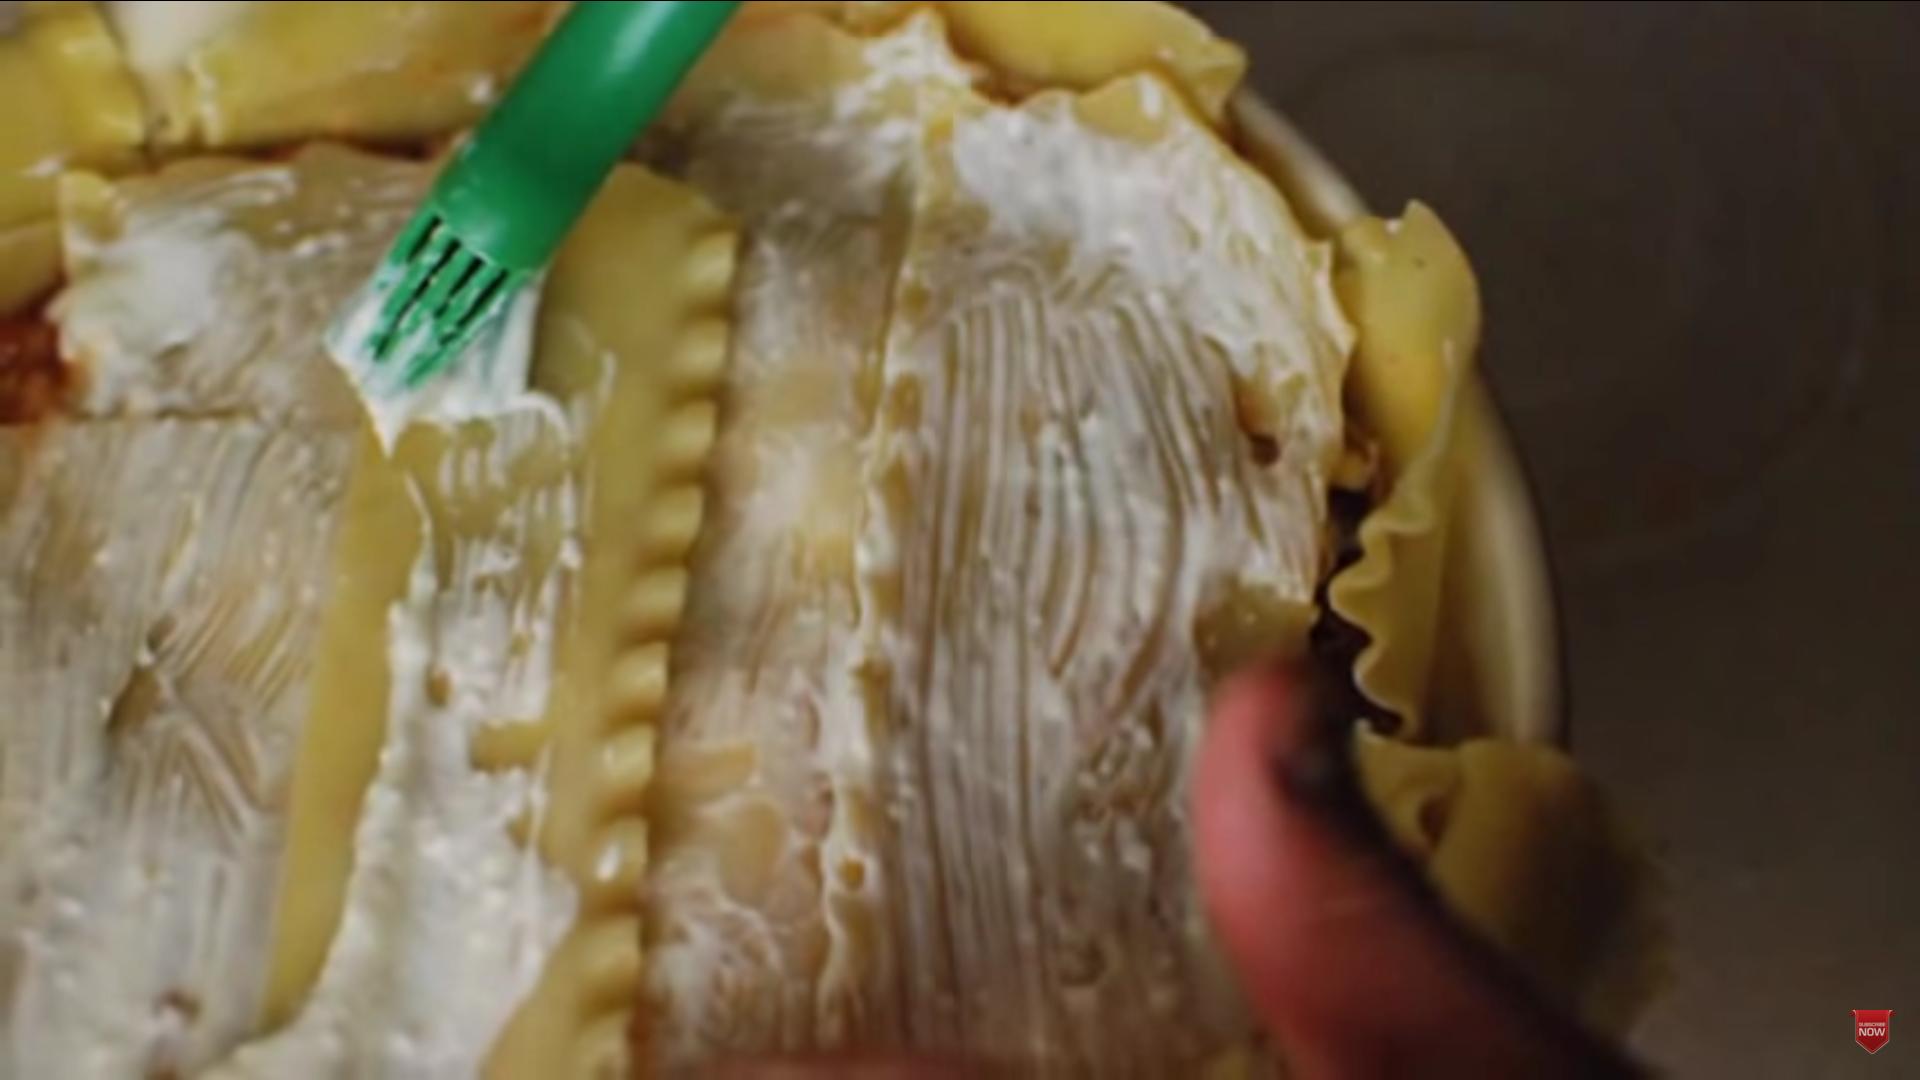 Lasagna en tazon 13